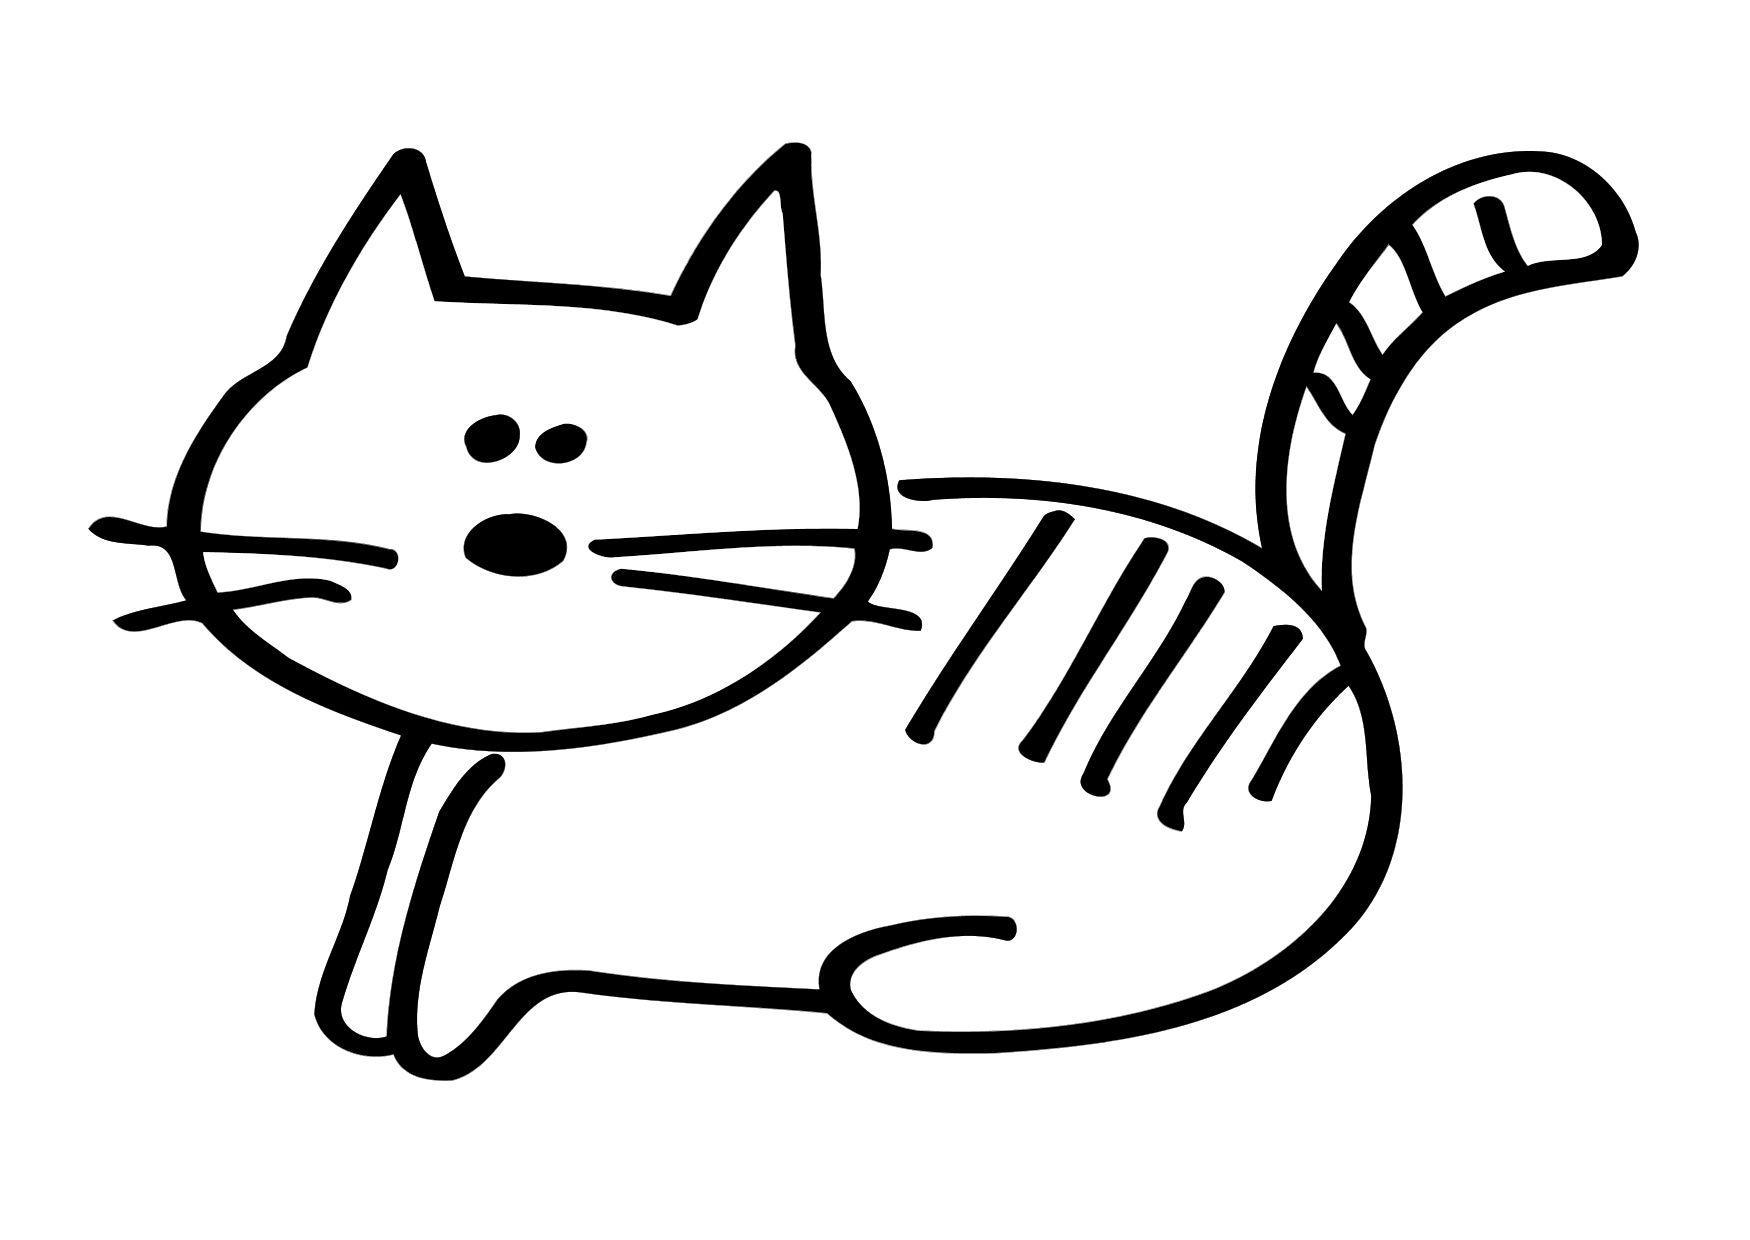 Baby Katzen Ausmalbilder : Ausgezeichnet Malvorlagen Katze Galerie Malvorlagen Ideen